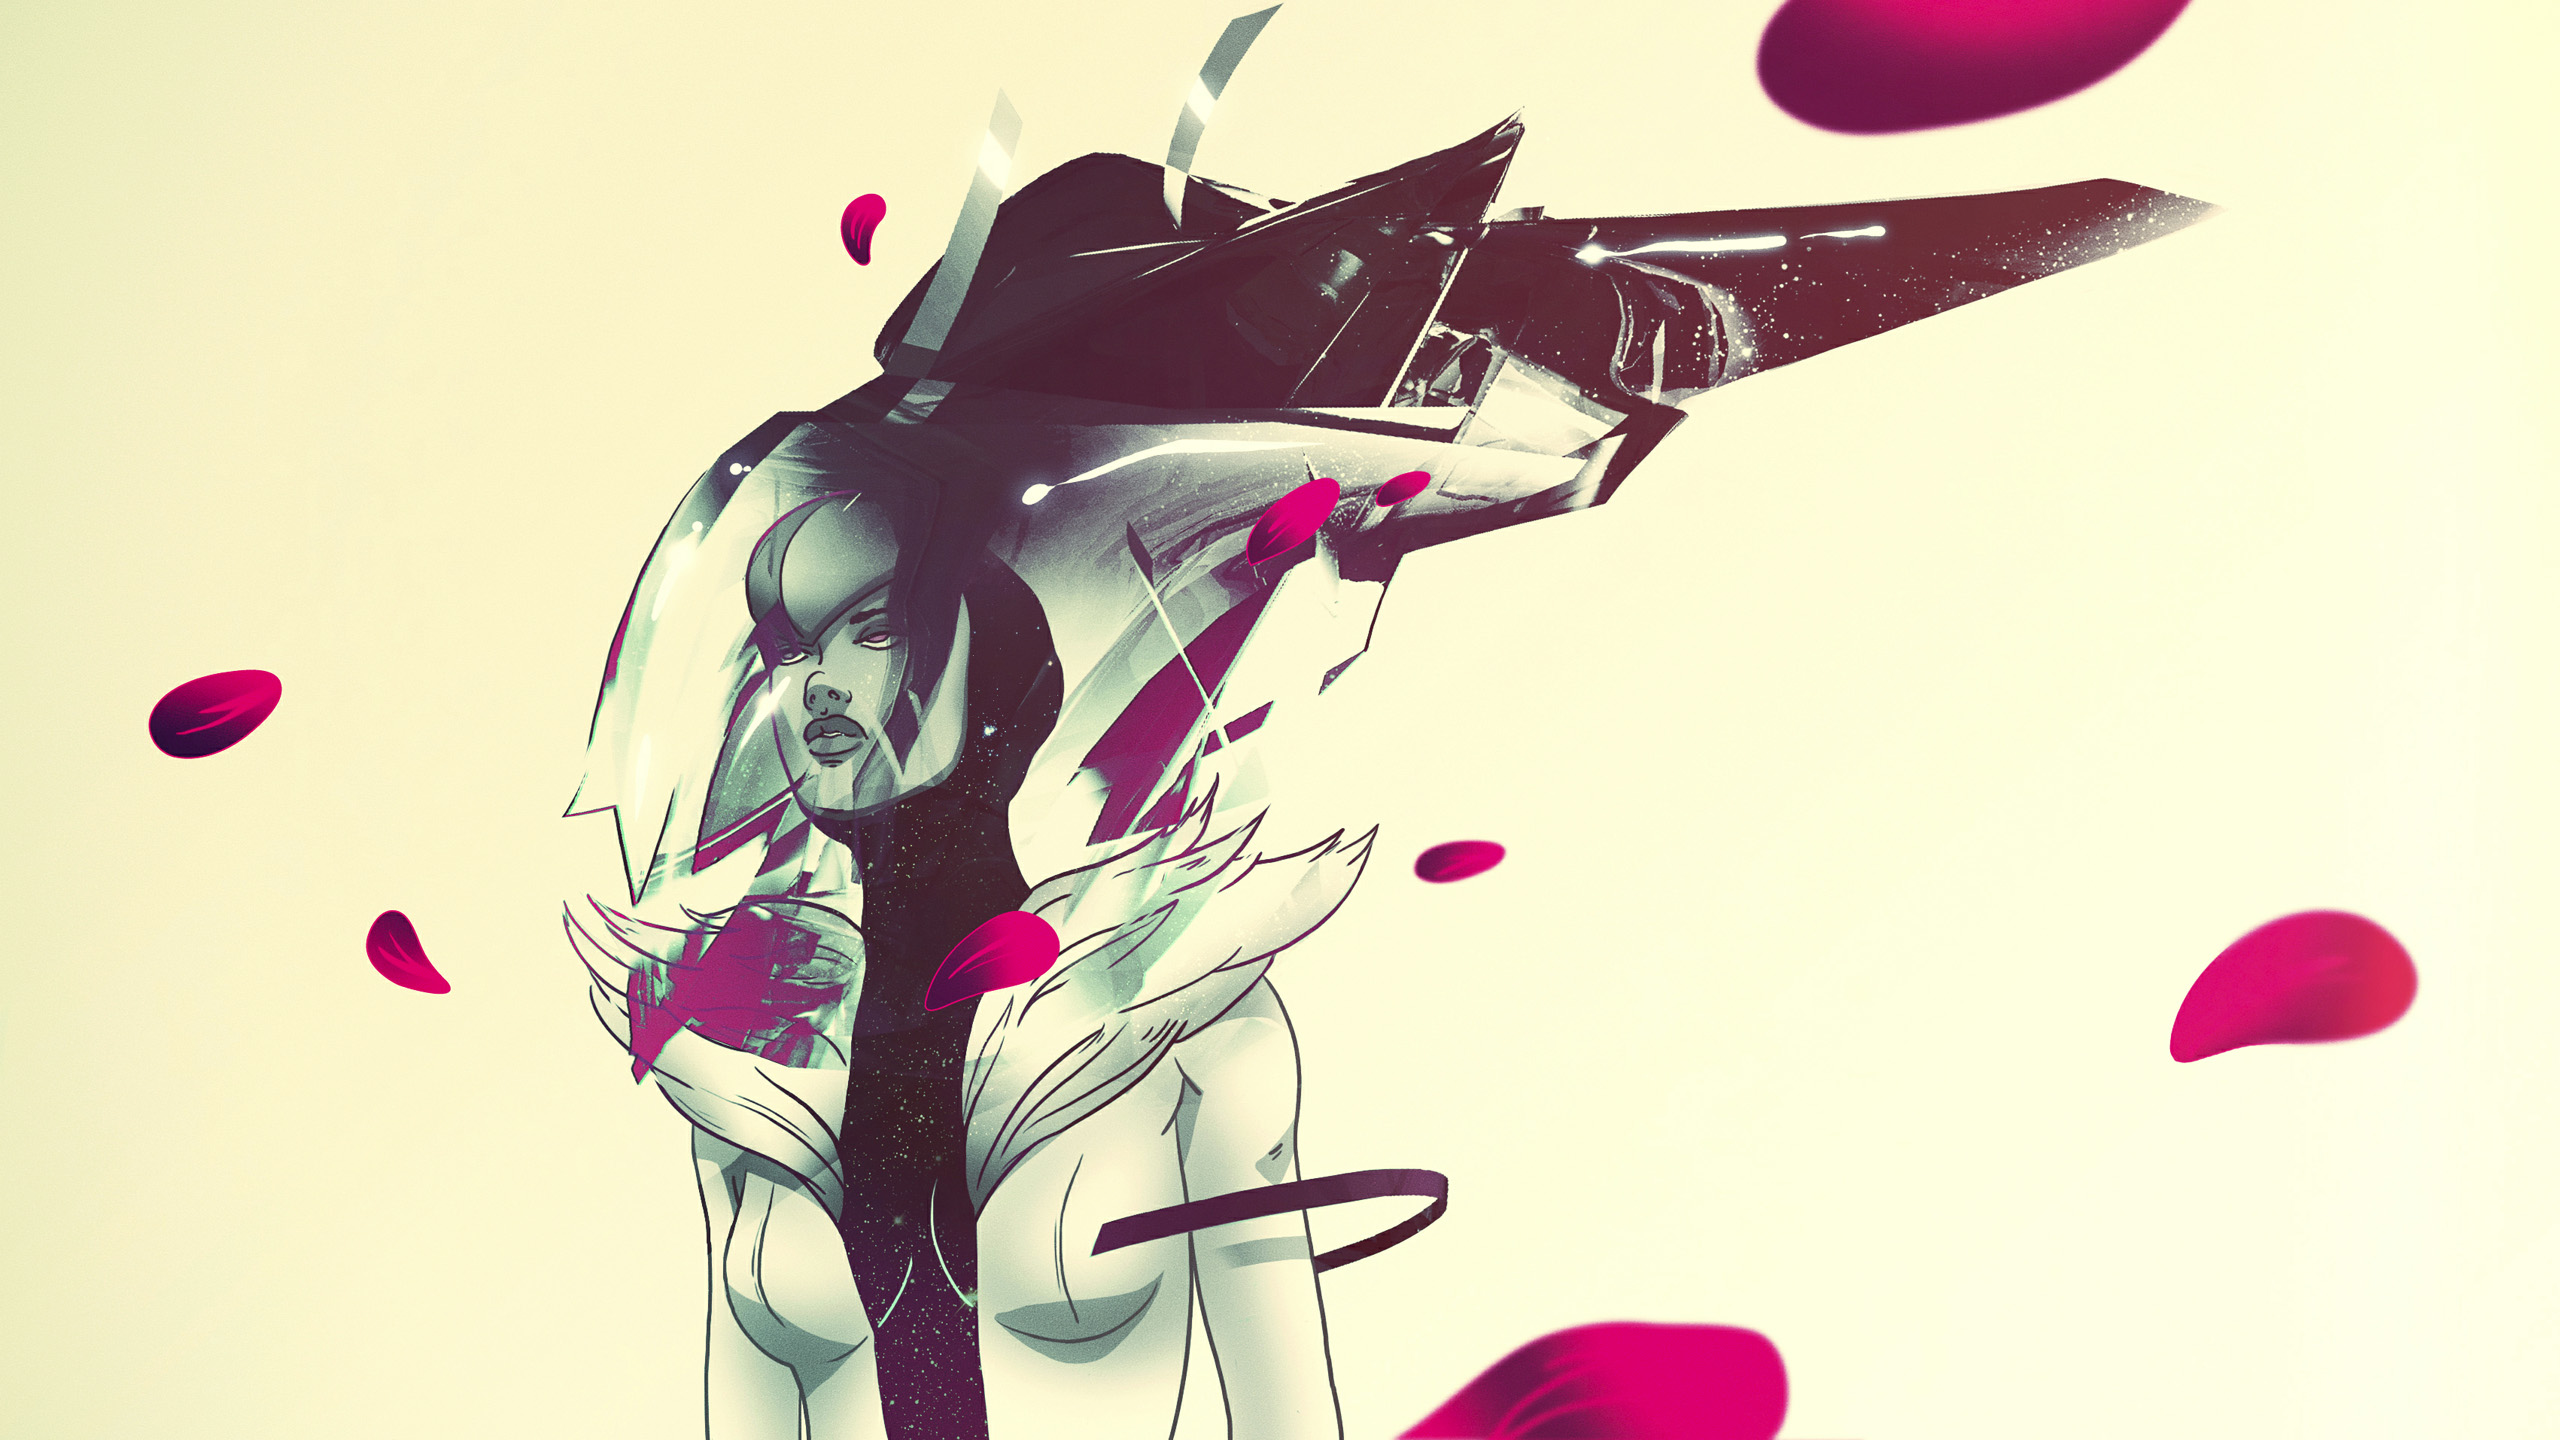 Le illustrazioni Sci-Fi di Andrés Rivera aka Raccoon Nook